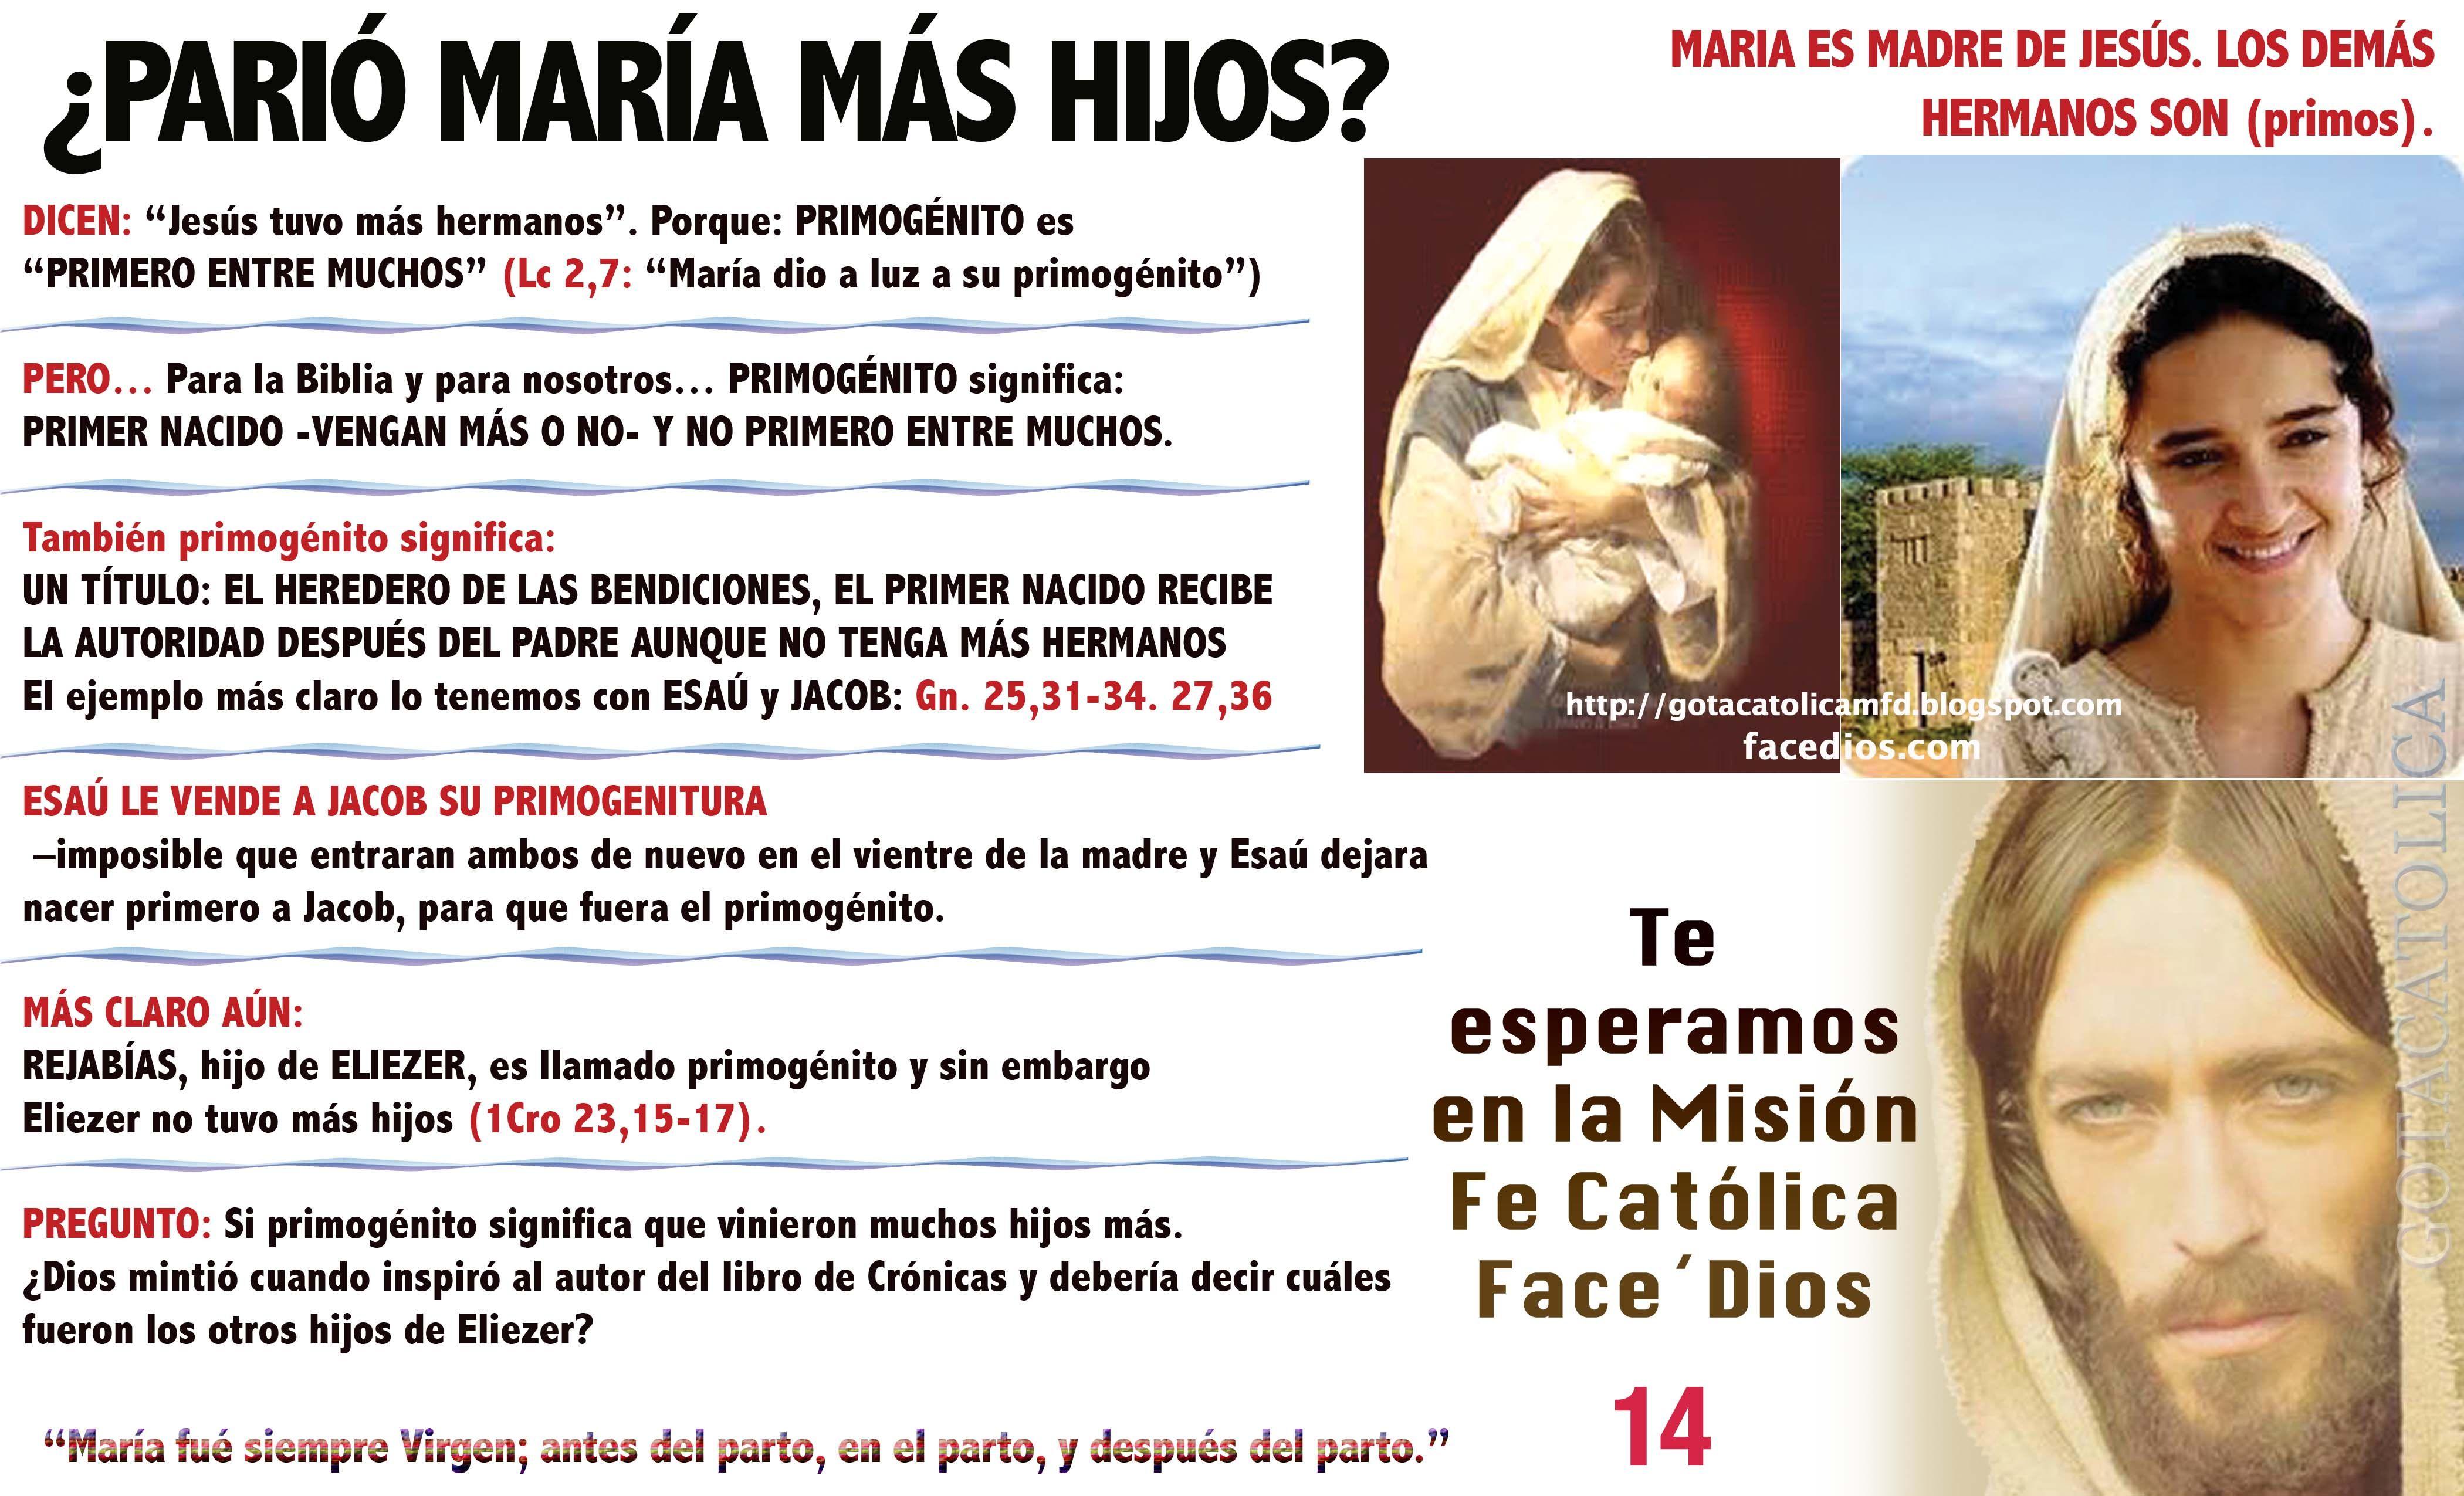 Matrimonio Entre Hermanos Biblia : Maria es madre de jesÚs los demÁs hermanos son primos